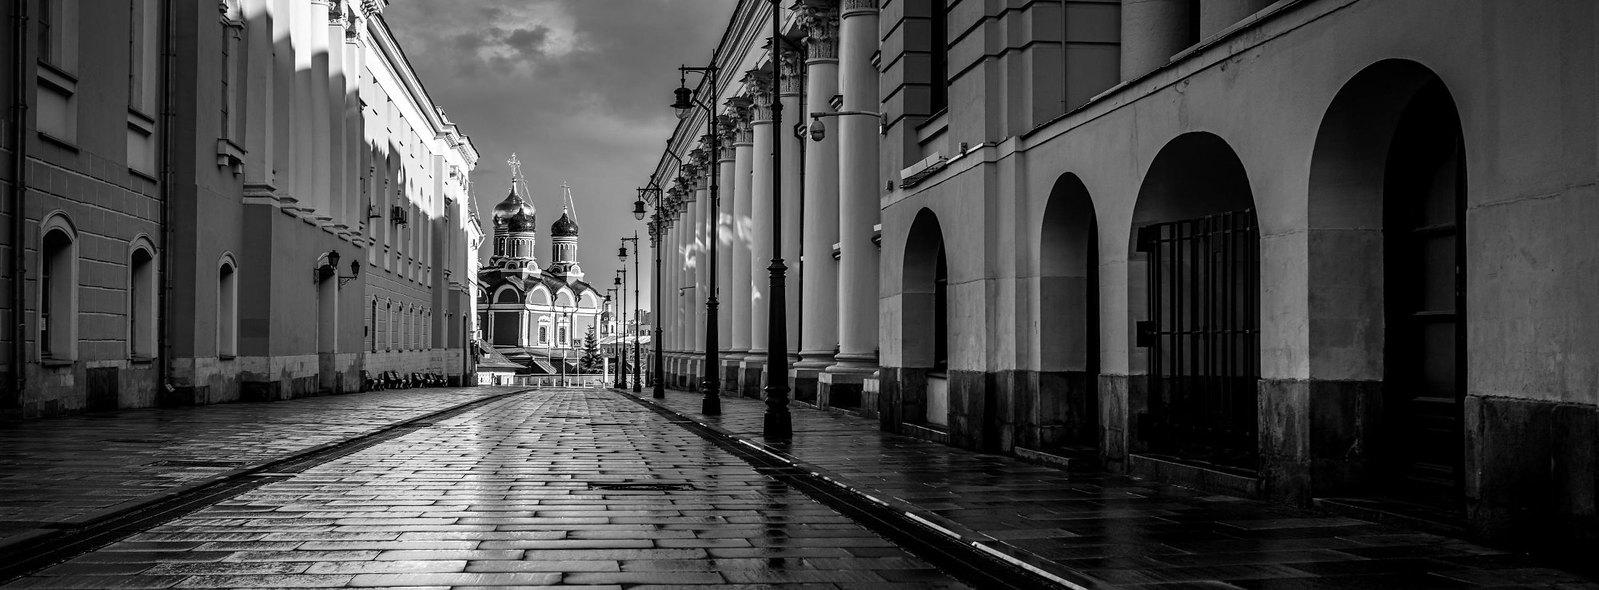 Рыбный переулок и Знаменский монастырь